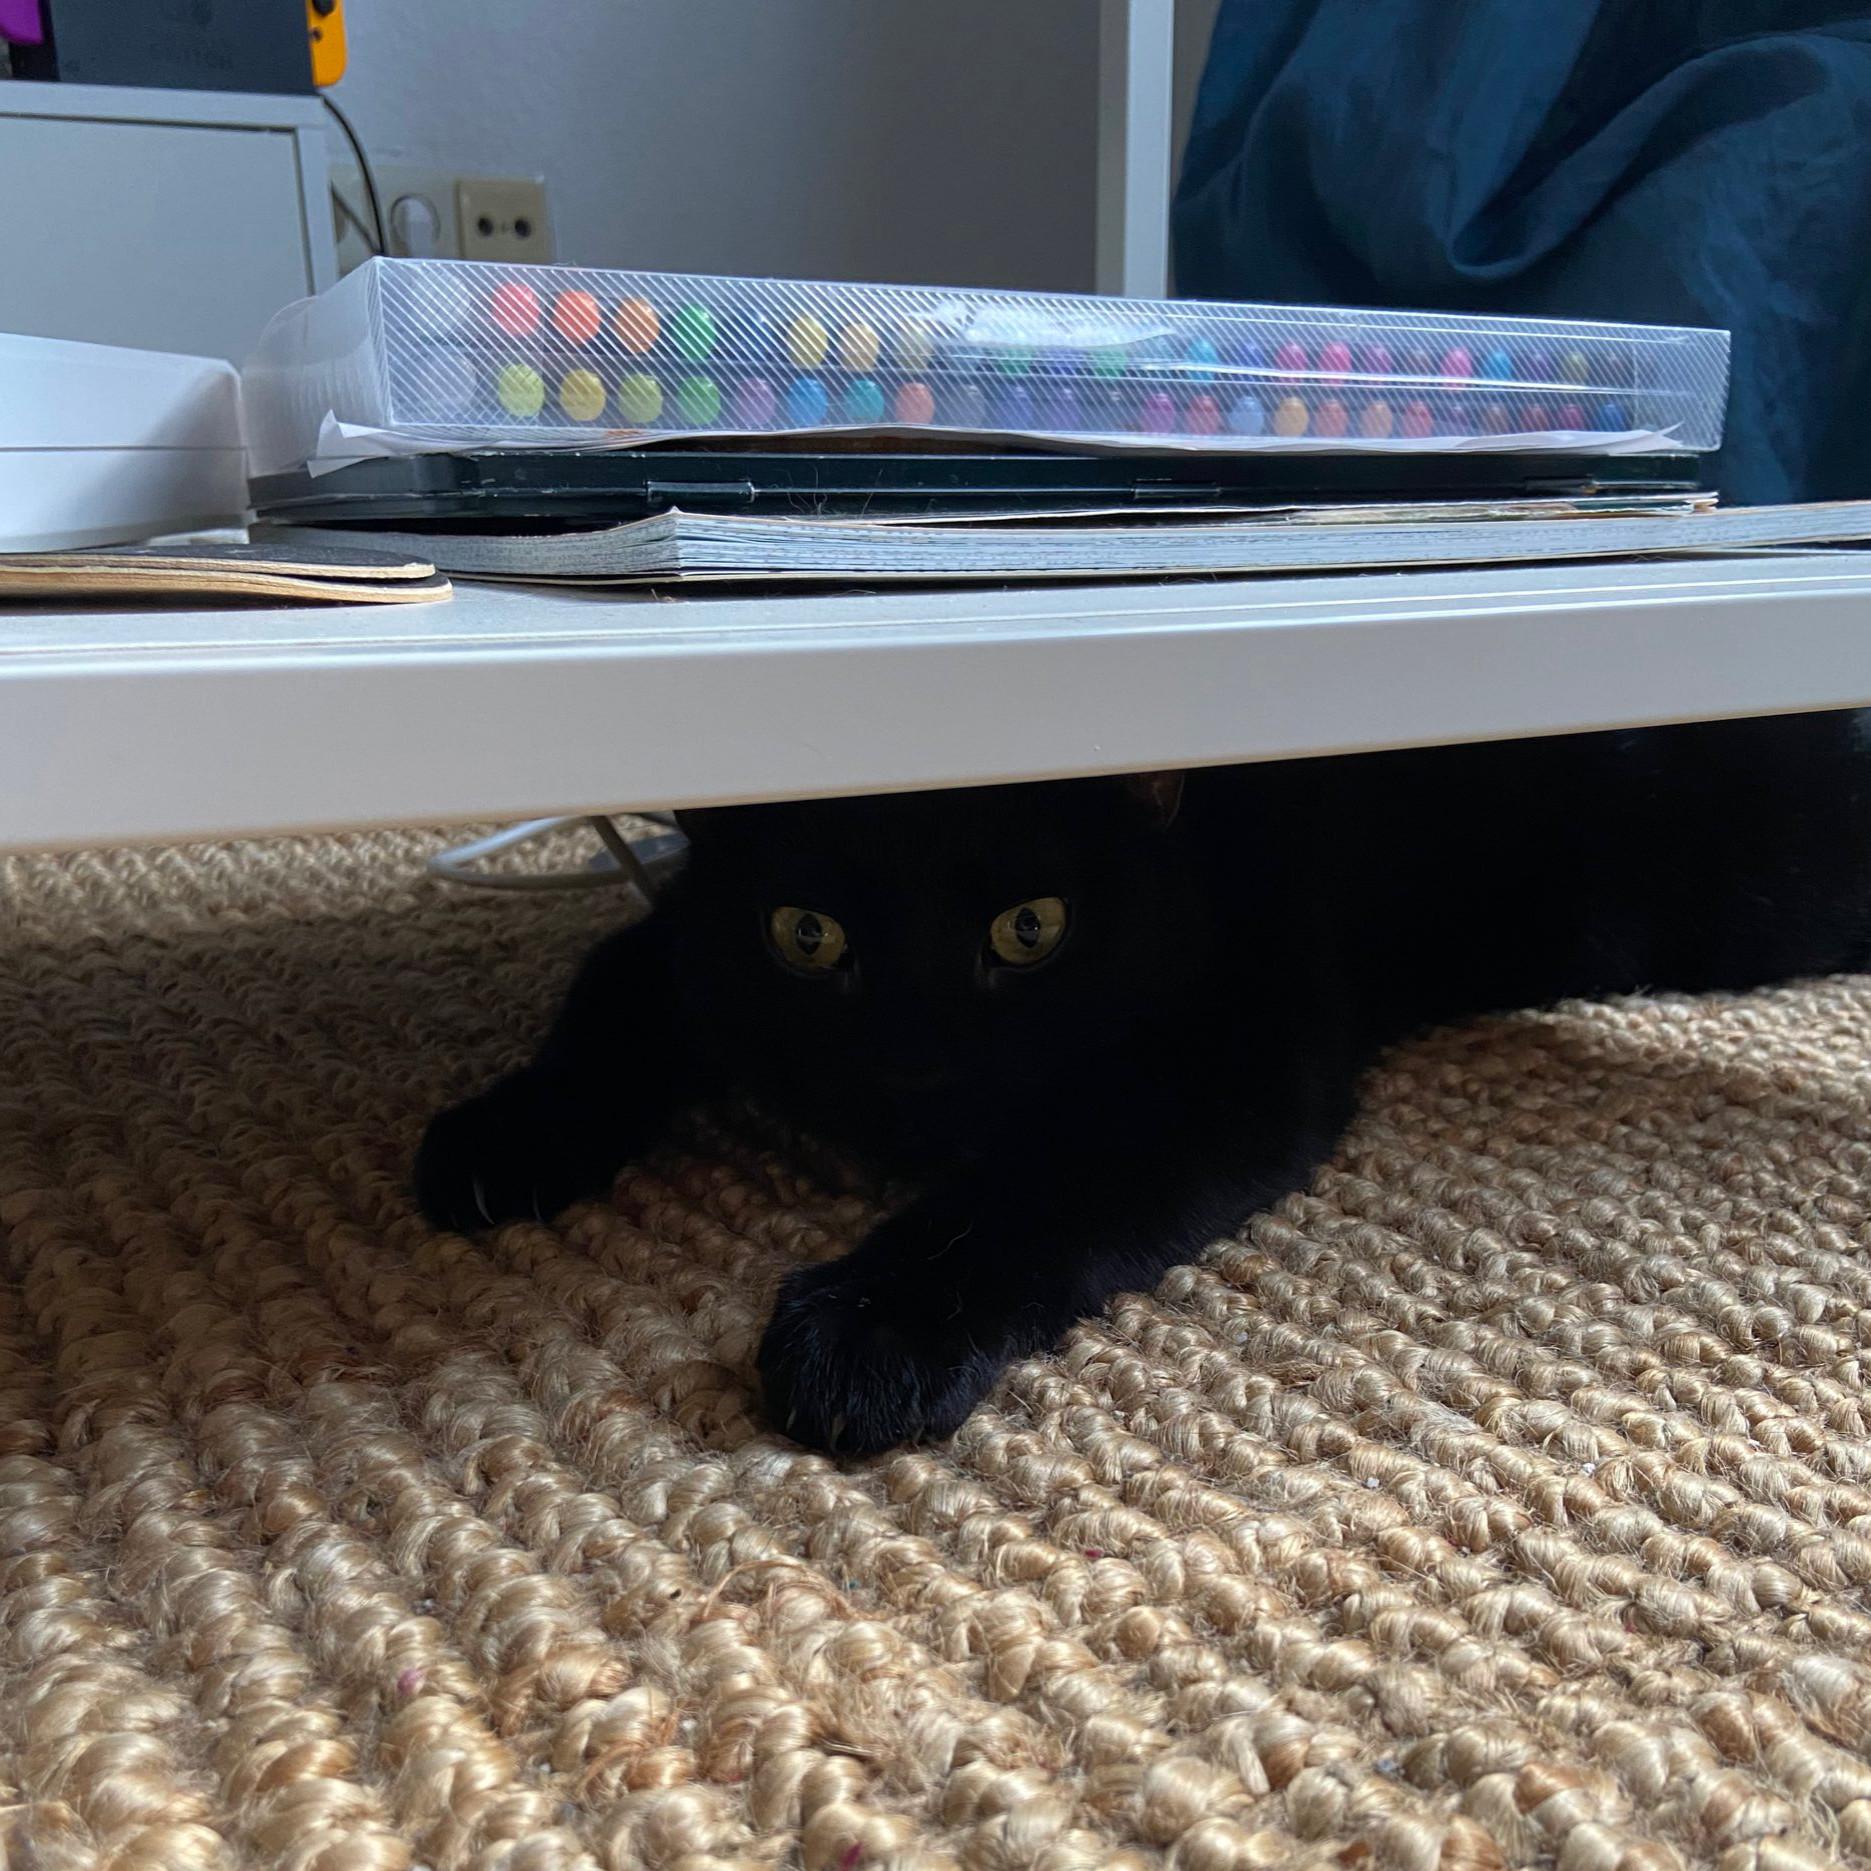 Könnte stellenweise auch ein Schwarzes Loch sein, ist aber eine Katze. Vermutlich frei von Singularitäten.